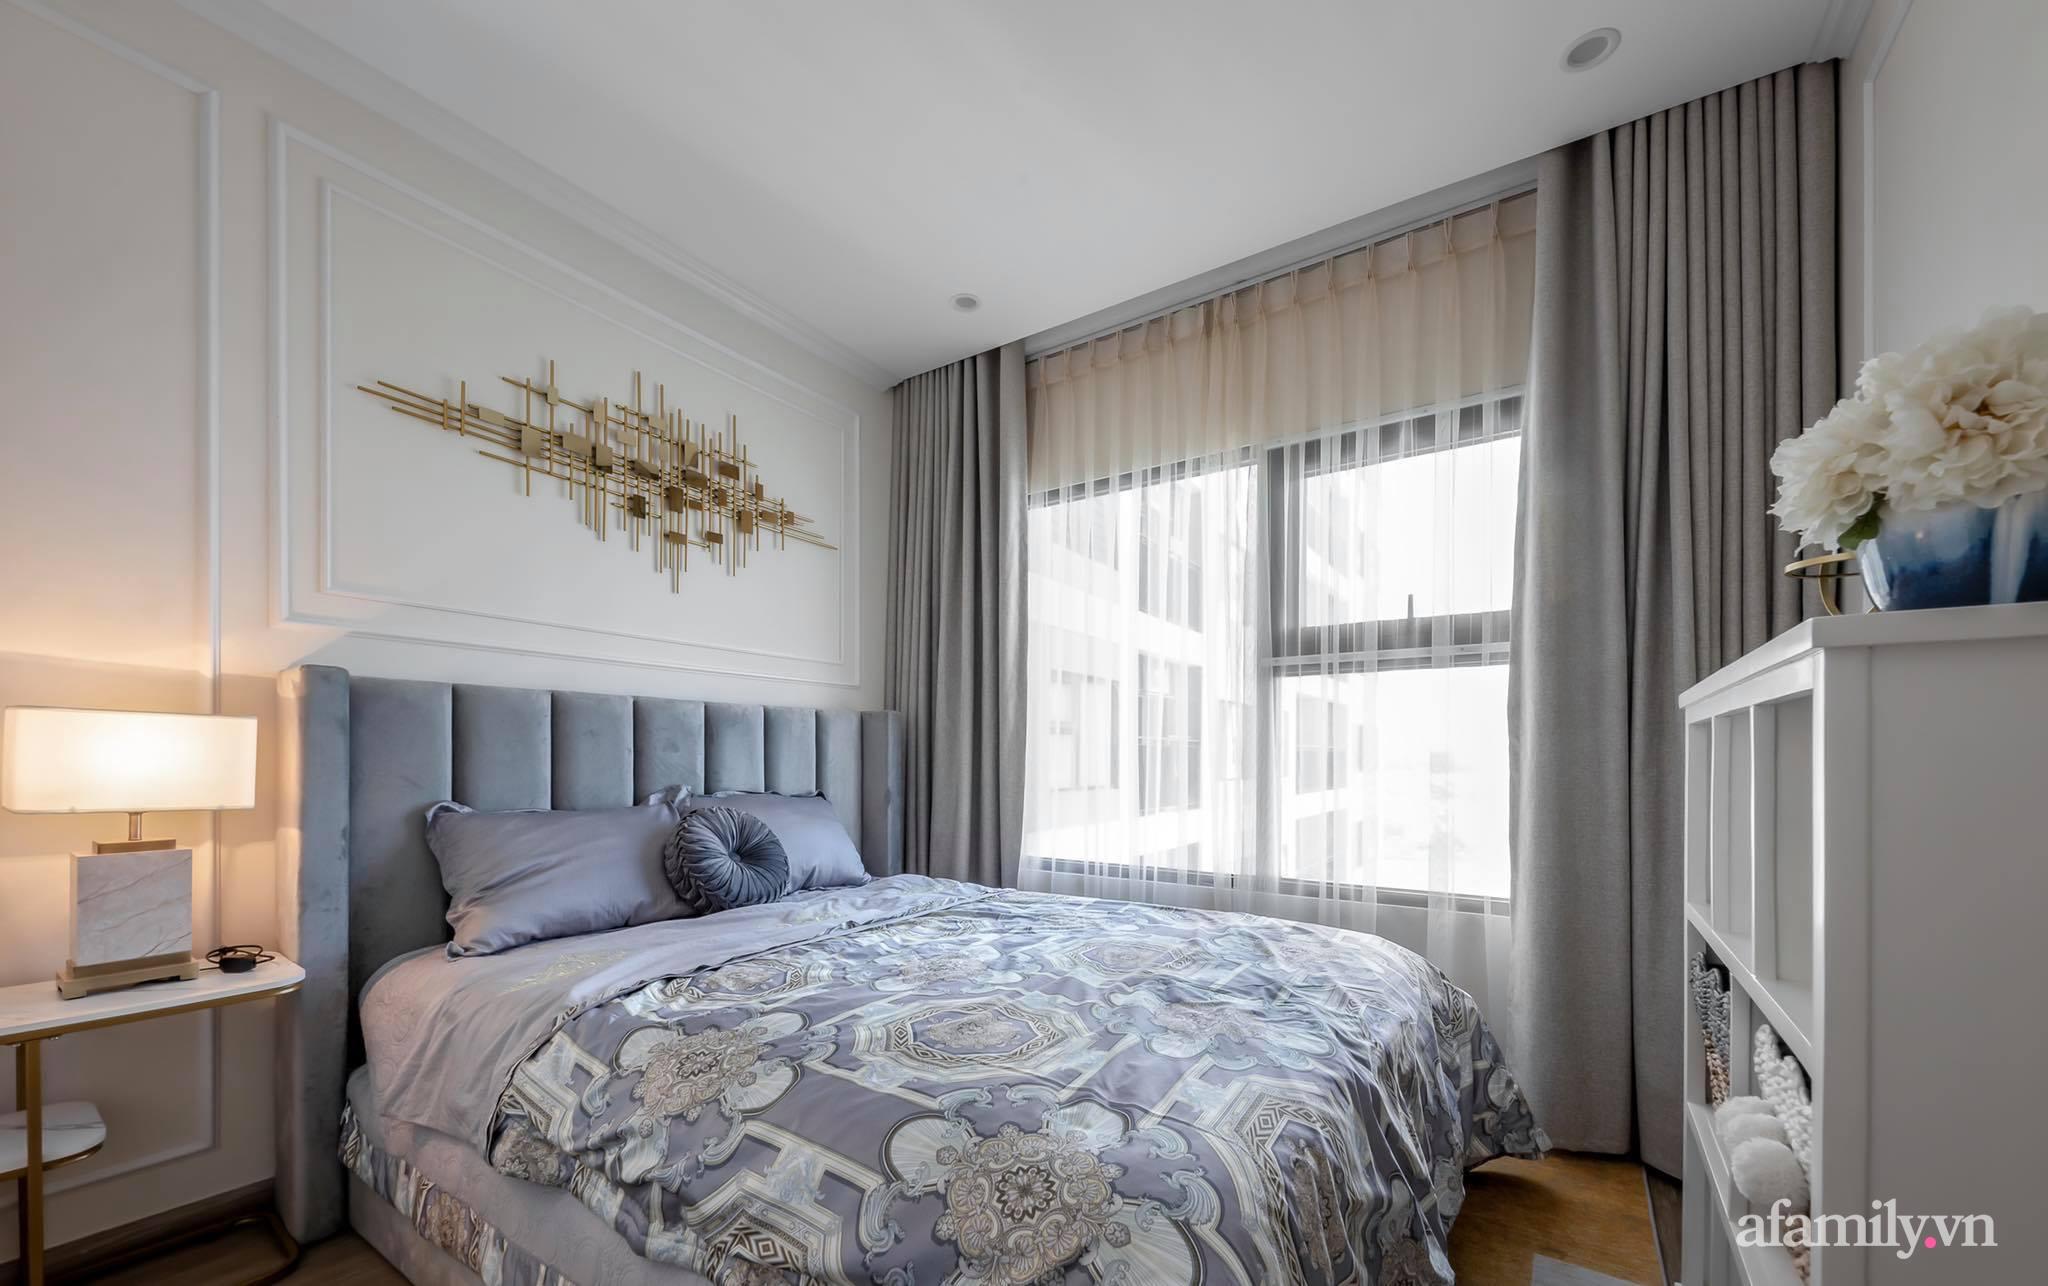 Căn hộ 55m² sang trọng đẳng cấp với phong cách Tân cổ điển có chi phí hoàn thiện nội thất 200 triệu đồng ở Sài Gòn - Ảnh 16.